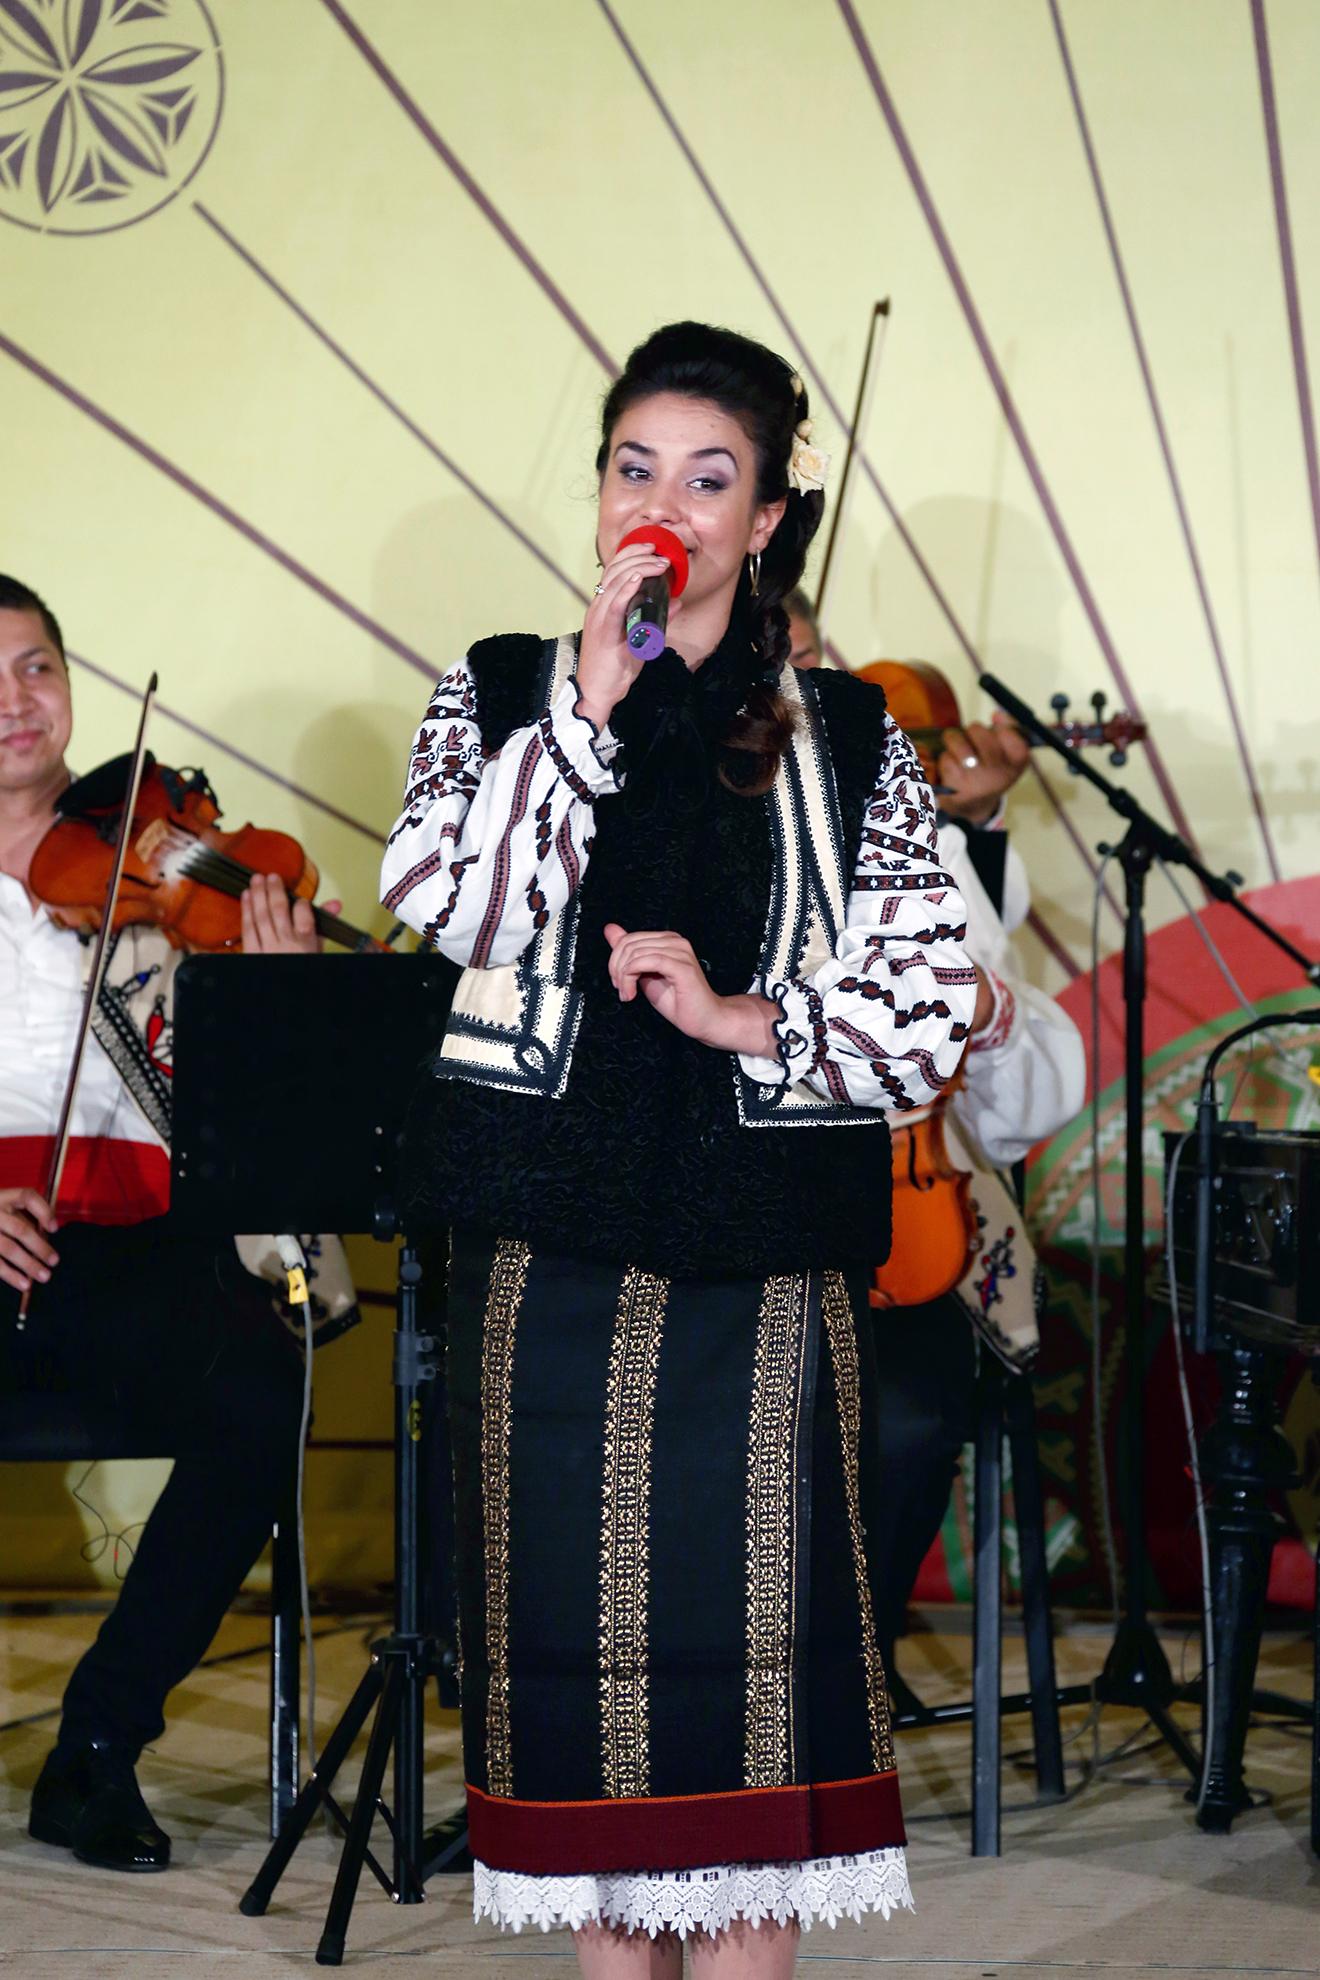 Mentiune -  Camelia Ursachi - Suceava